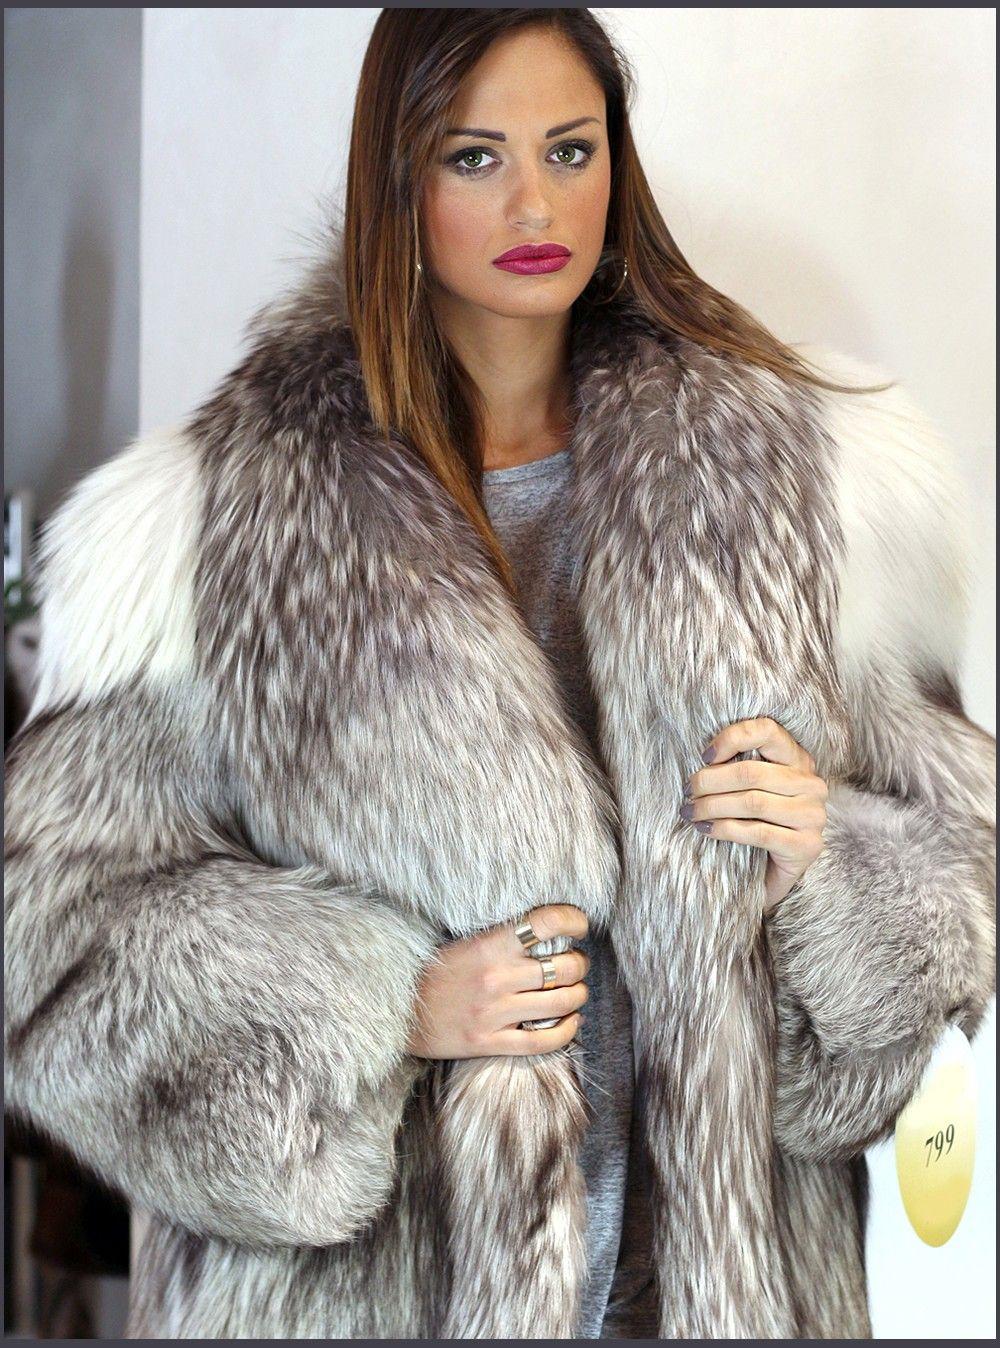 Fur Lover | Elsafur photos | Pinterest | Fur, Lovers and ...